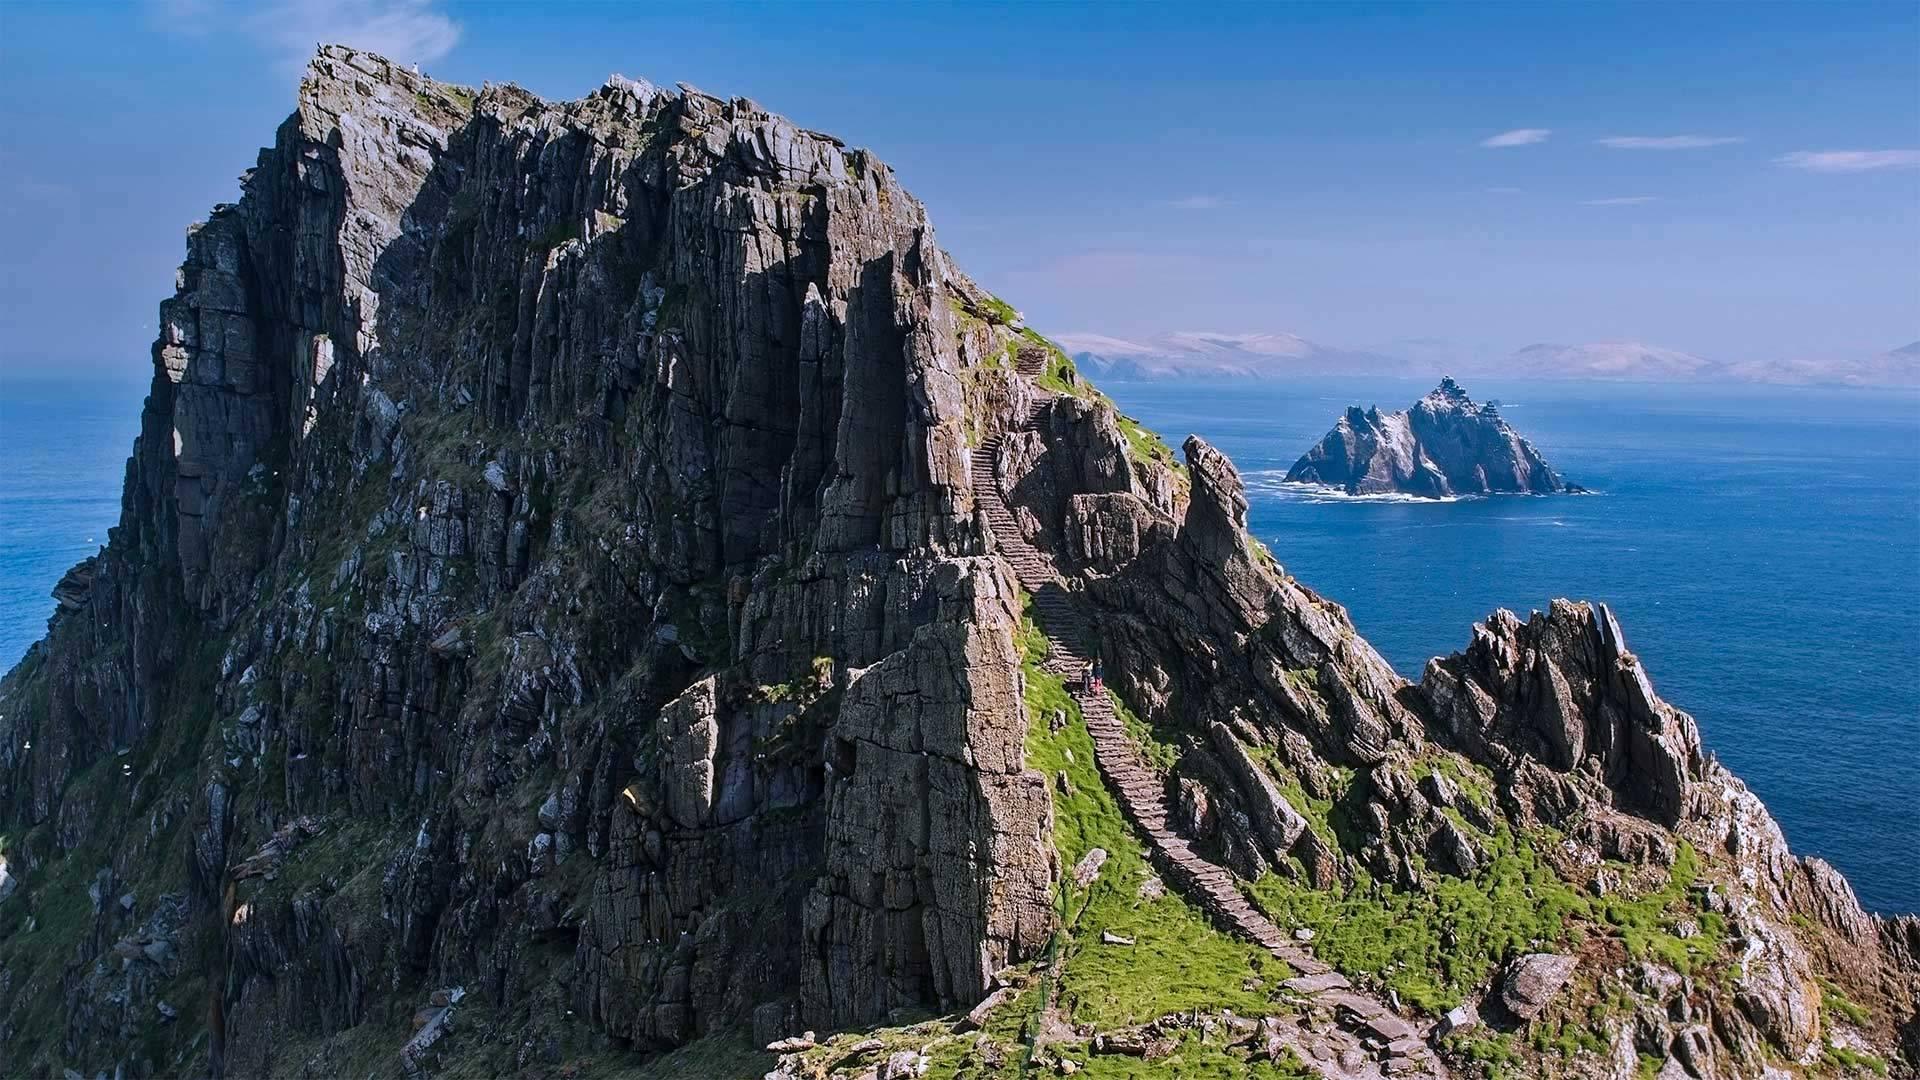 斯凯利格群岛(由斯凯利格·迈克尔岛和小斯凯利格岛组成)